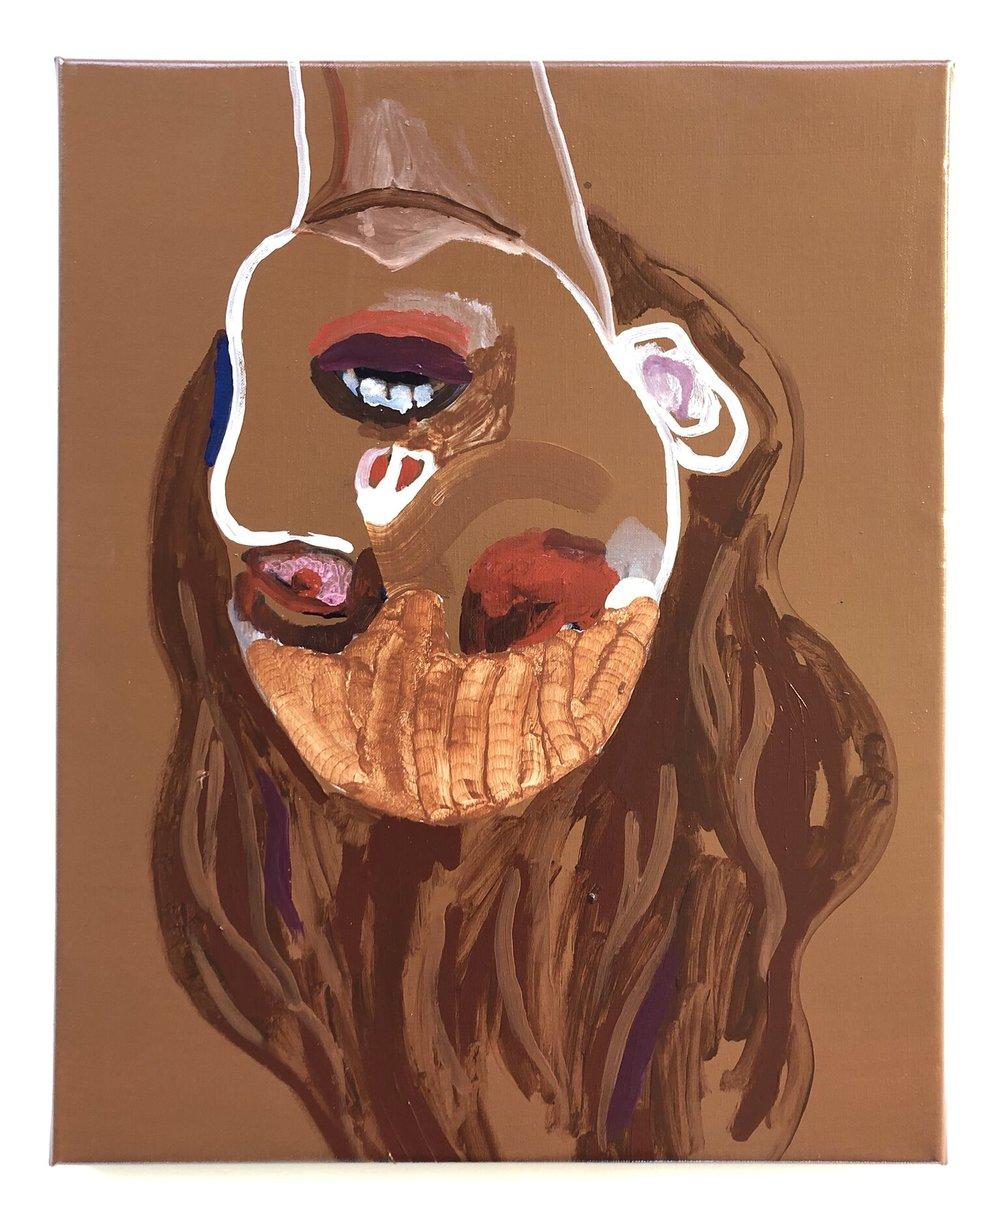 Højstemt genbillede /akryl på lærred, 50 x 40 cm